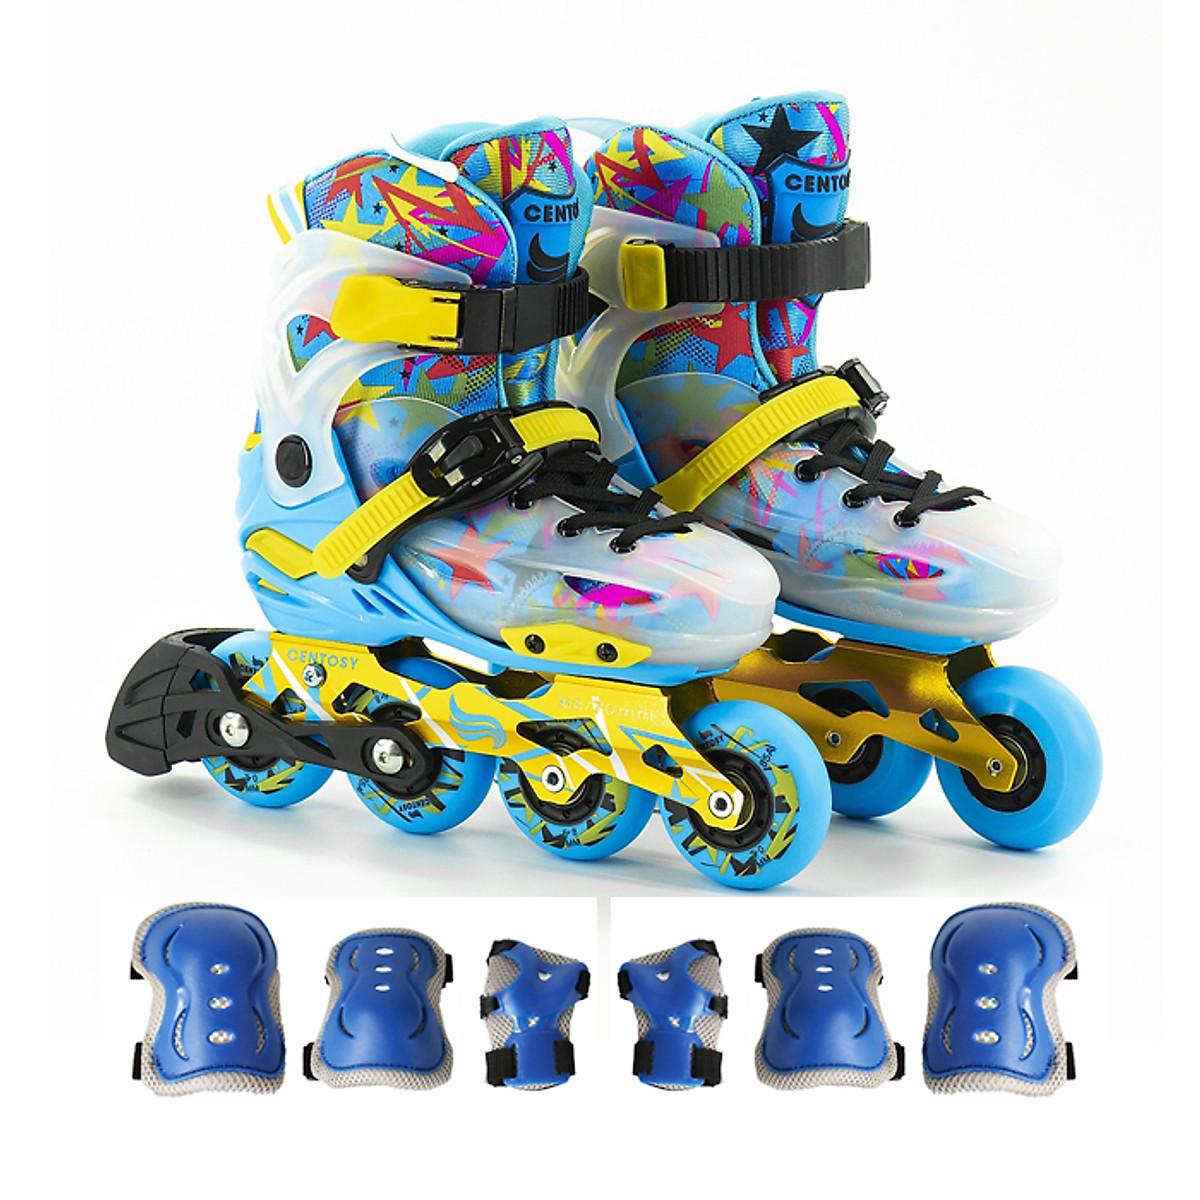 Giày Trượt Patin Centosy Kid Pro 1 ( Tặng Túi + Bảo Hộ Tay Chân ) Với Giá Sốc